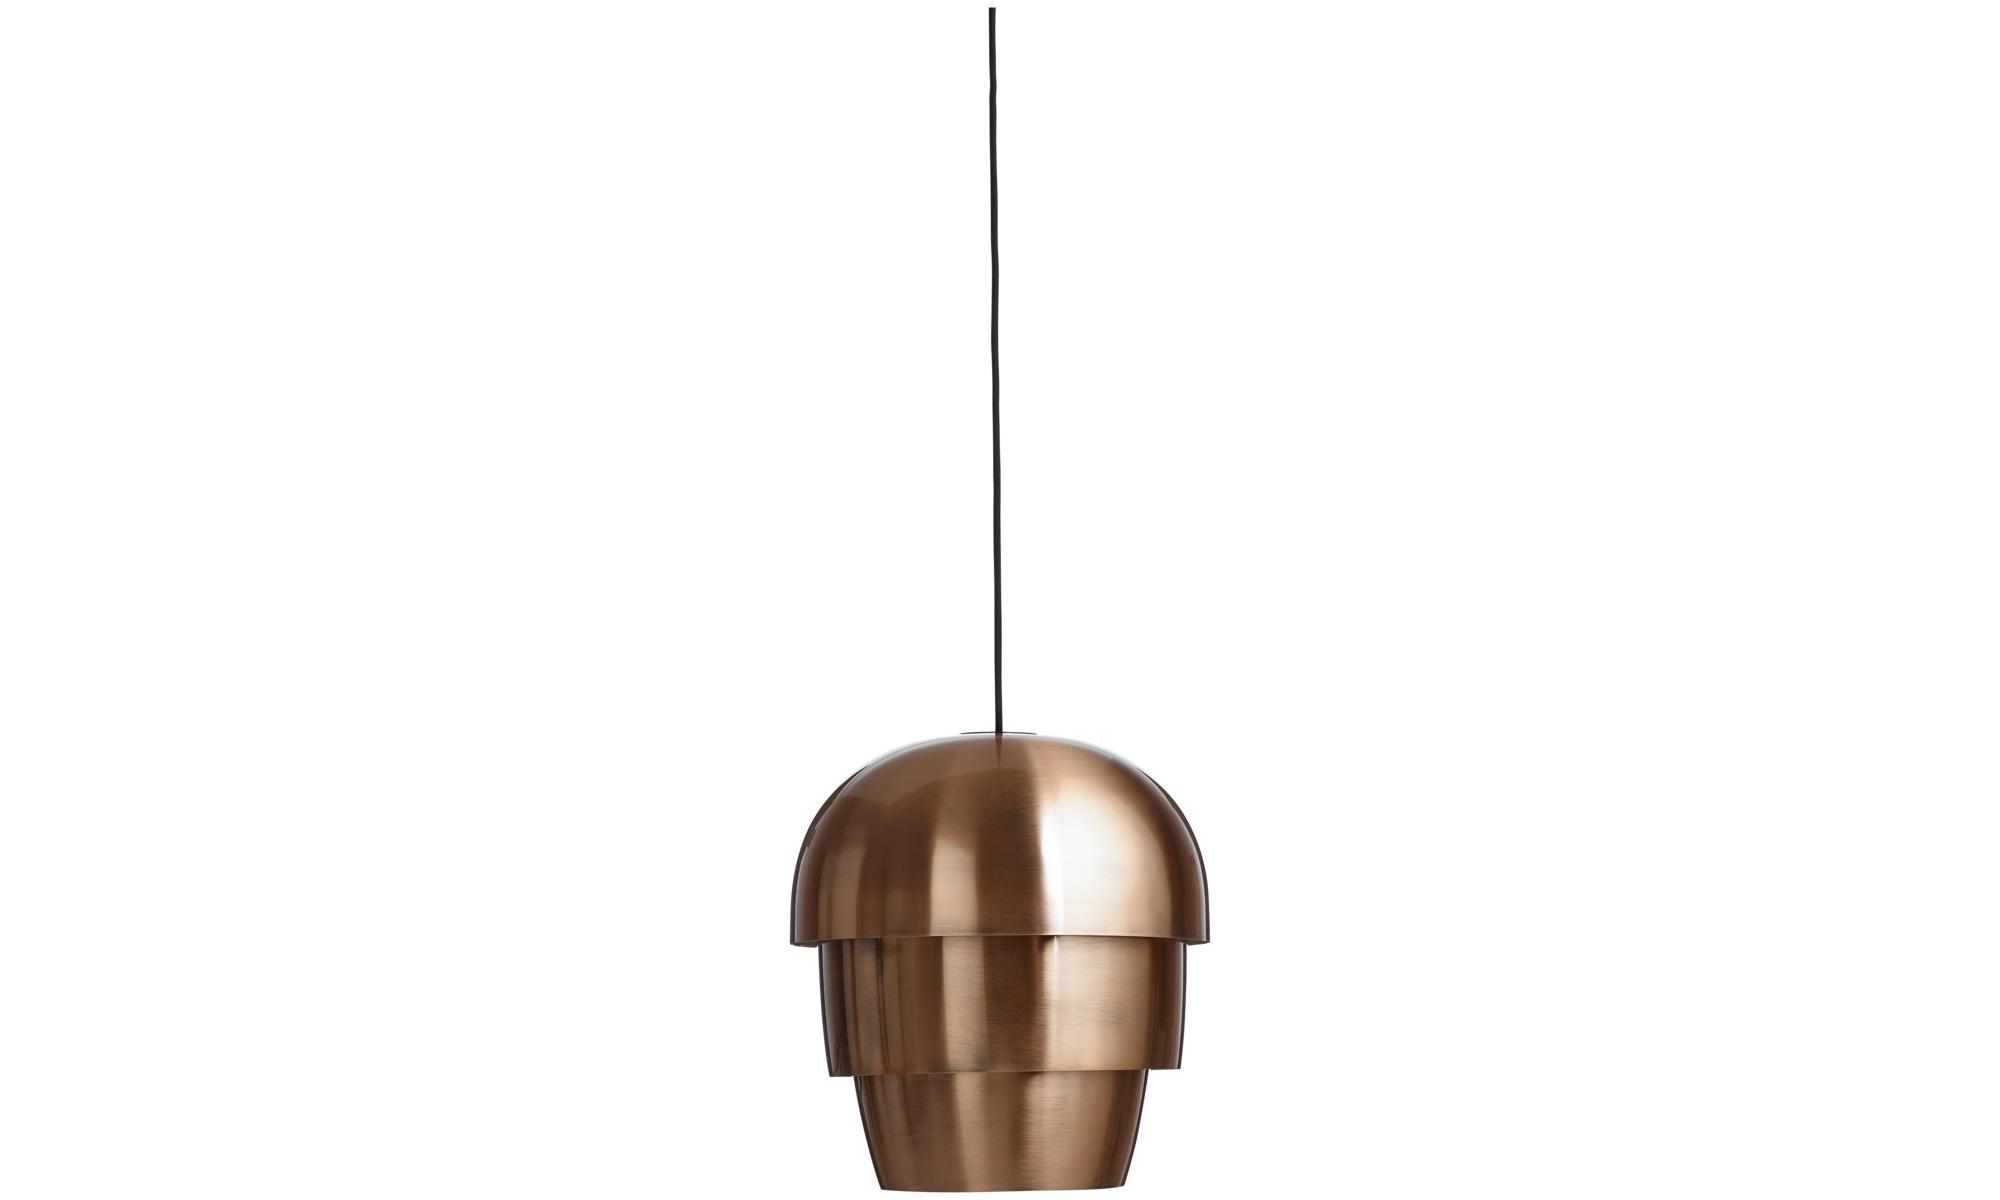 Lampy - Lampa wisząca Pine cone - Pomarańczowy - Metal